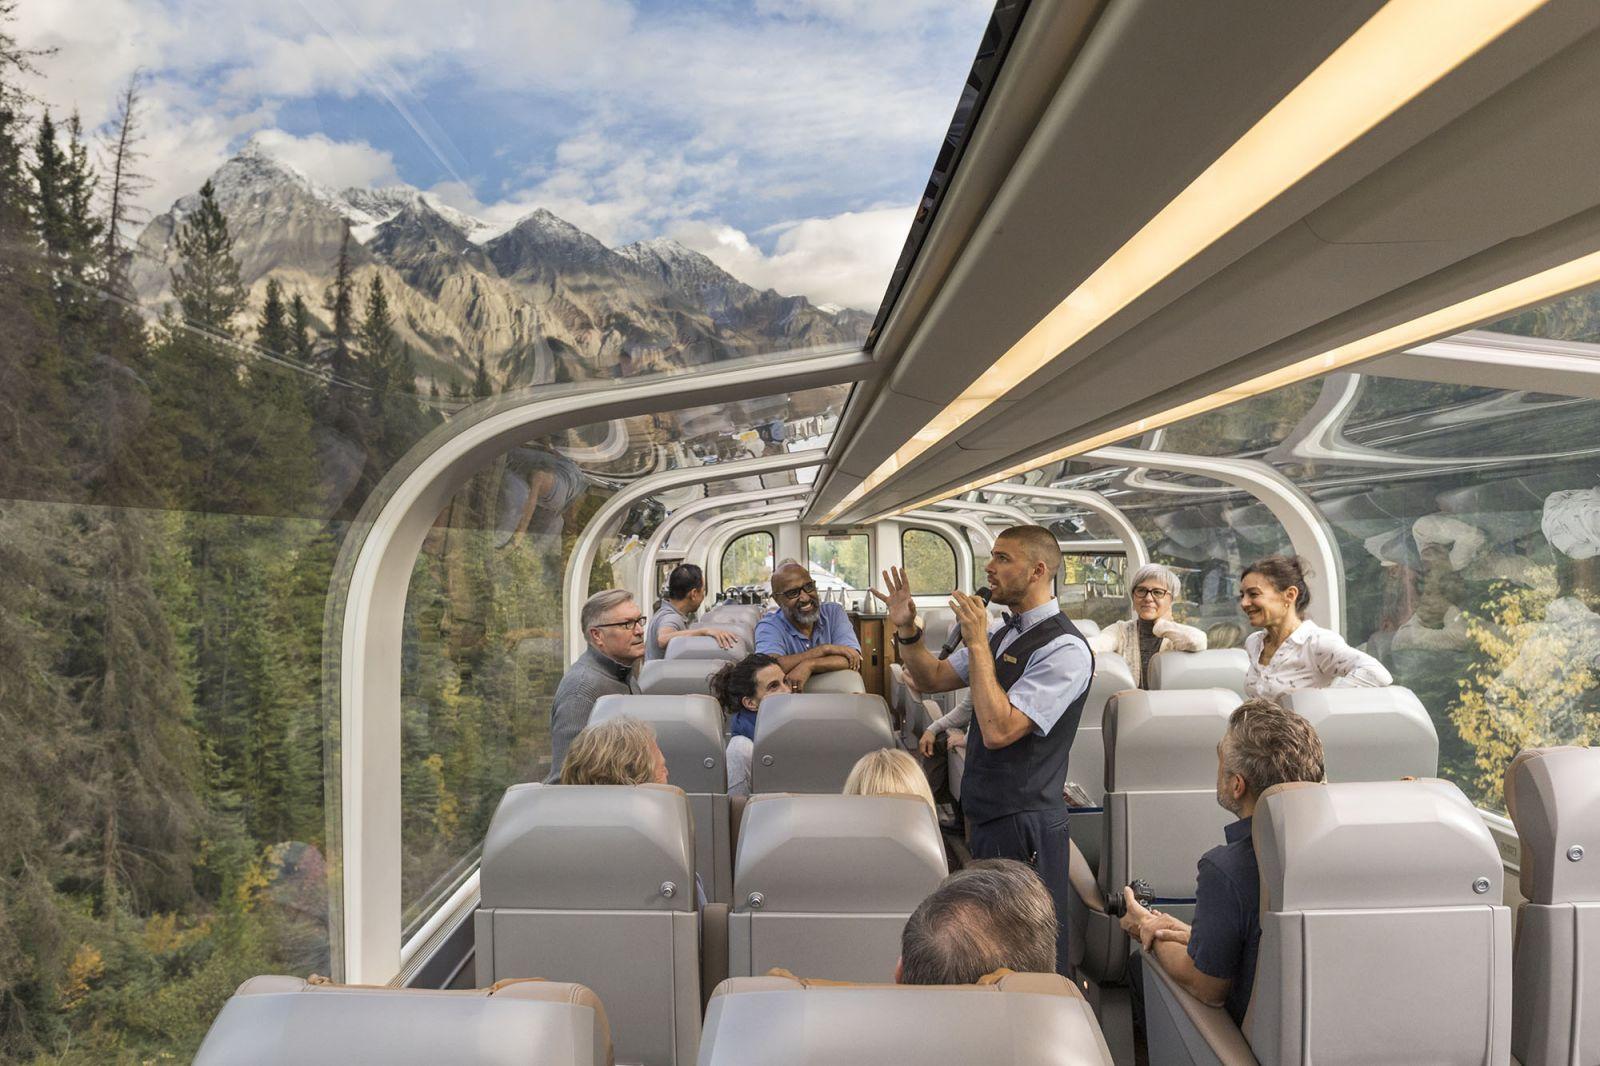 قطار شیشه ای Rocky Mountaineer مسافران خود را از تورنتو در شرق کانادا به ونکوور در غرب این کشور می برد و در این مسیر از کوهستان های راکی می گذرئد.